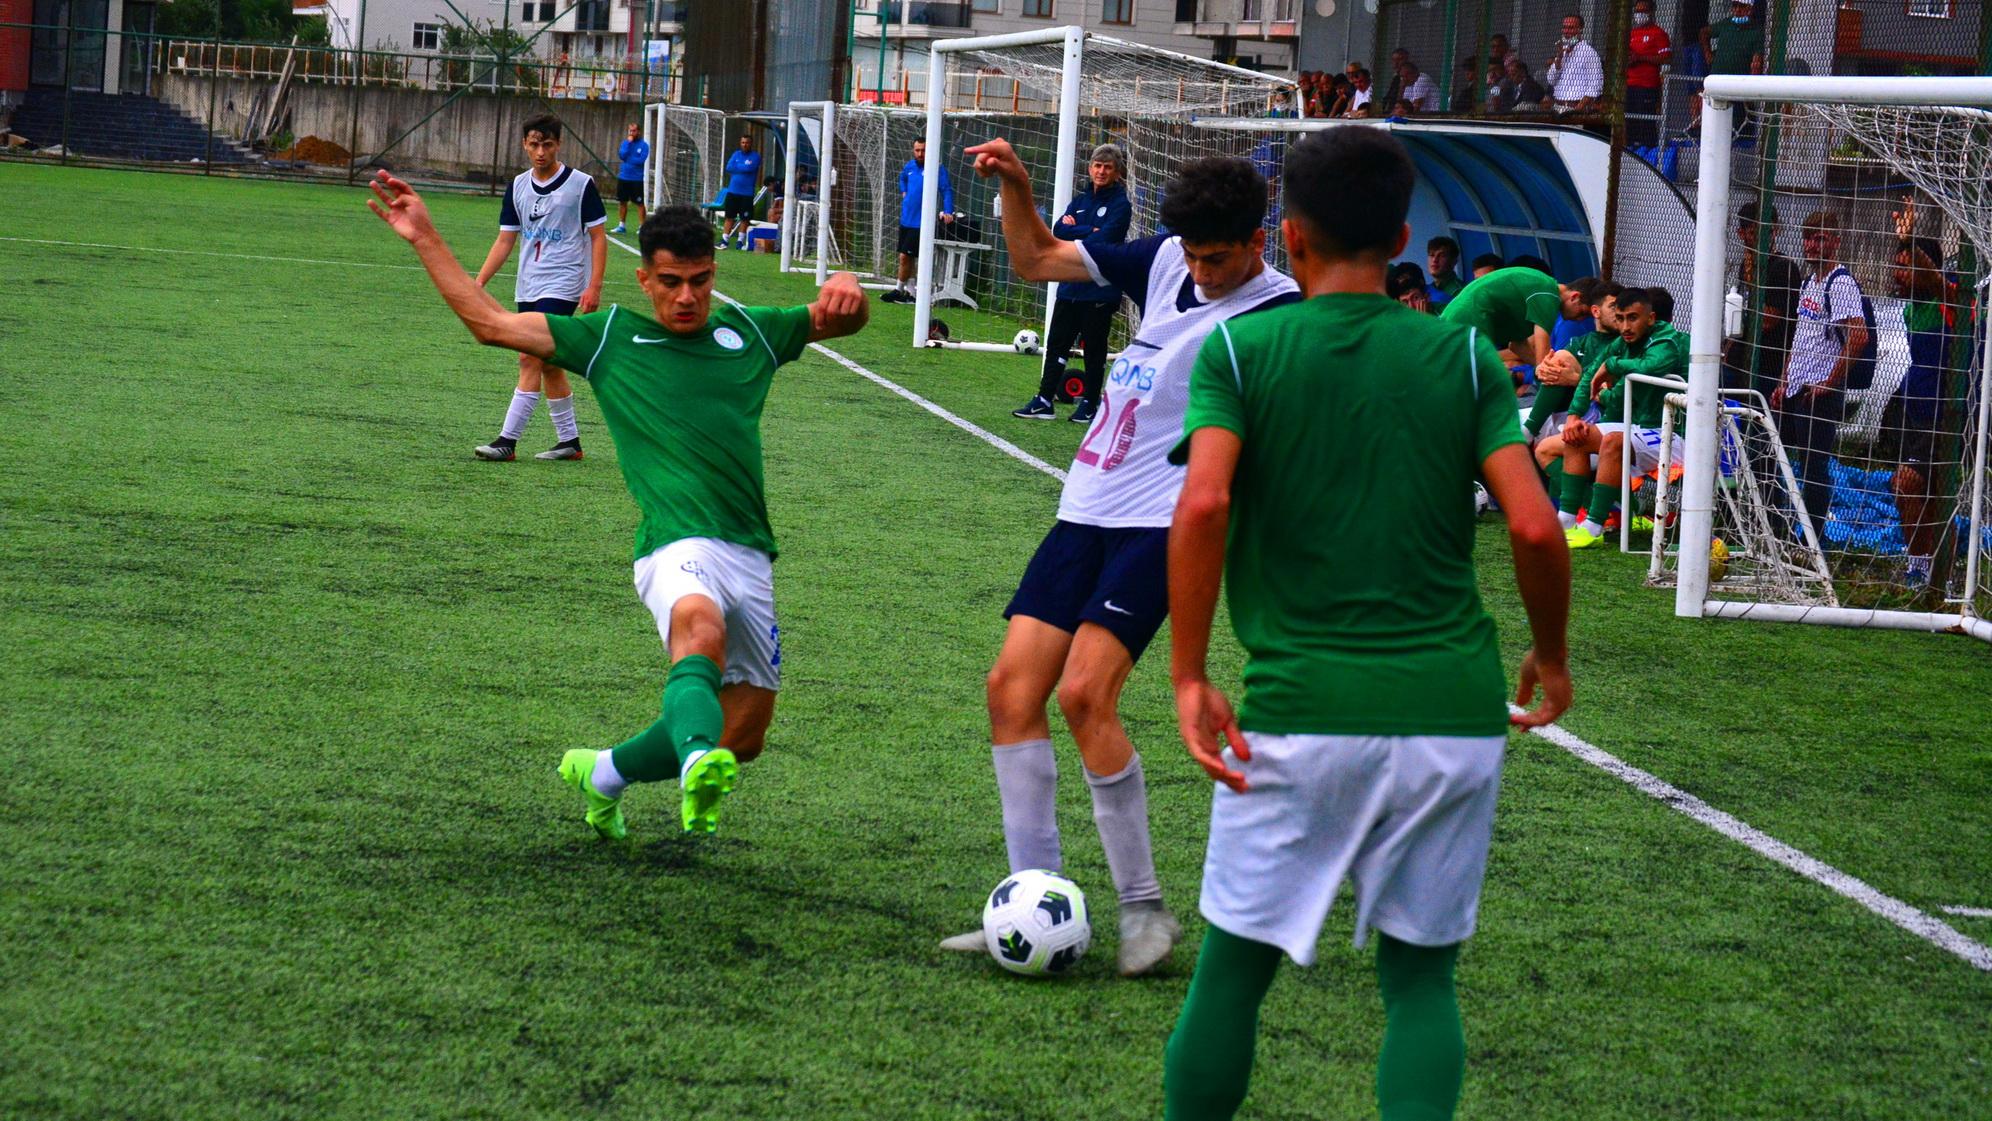 U19 Çaykur Rizespor 3-2 U17 Yomraspor